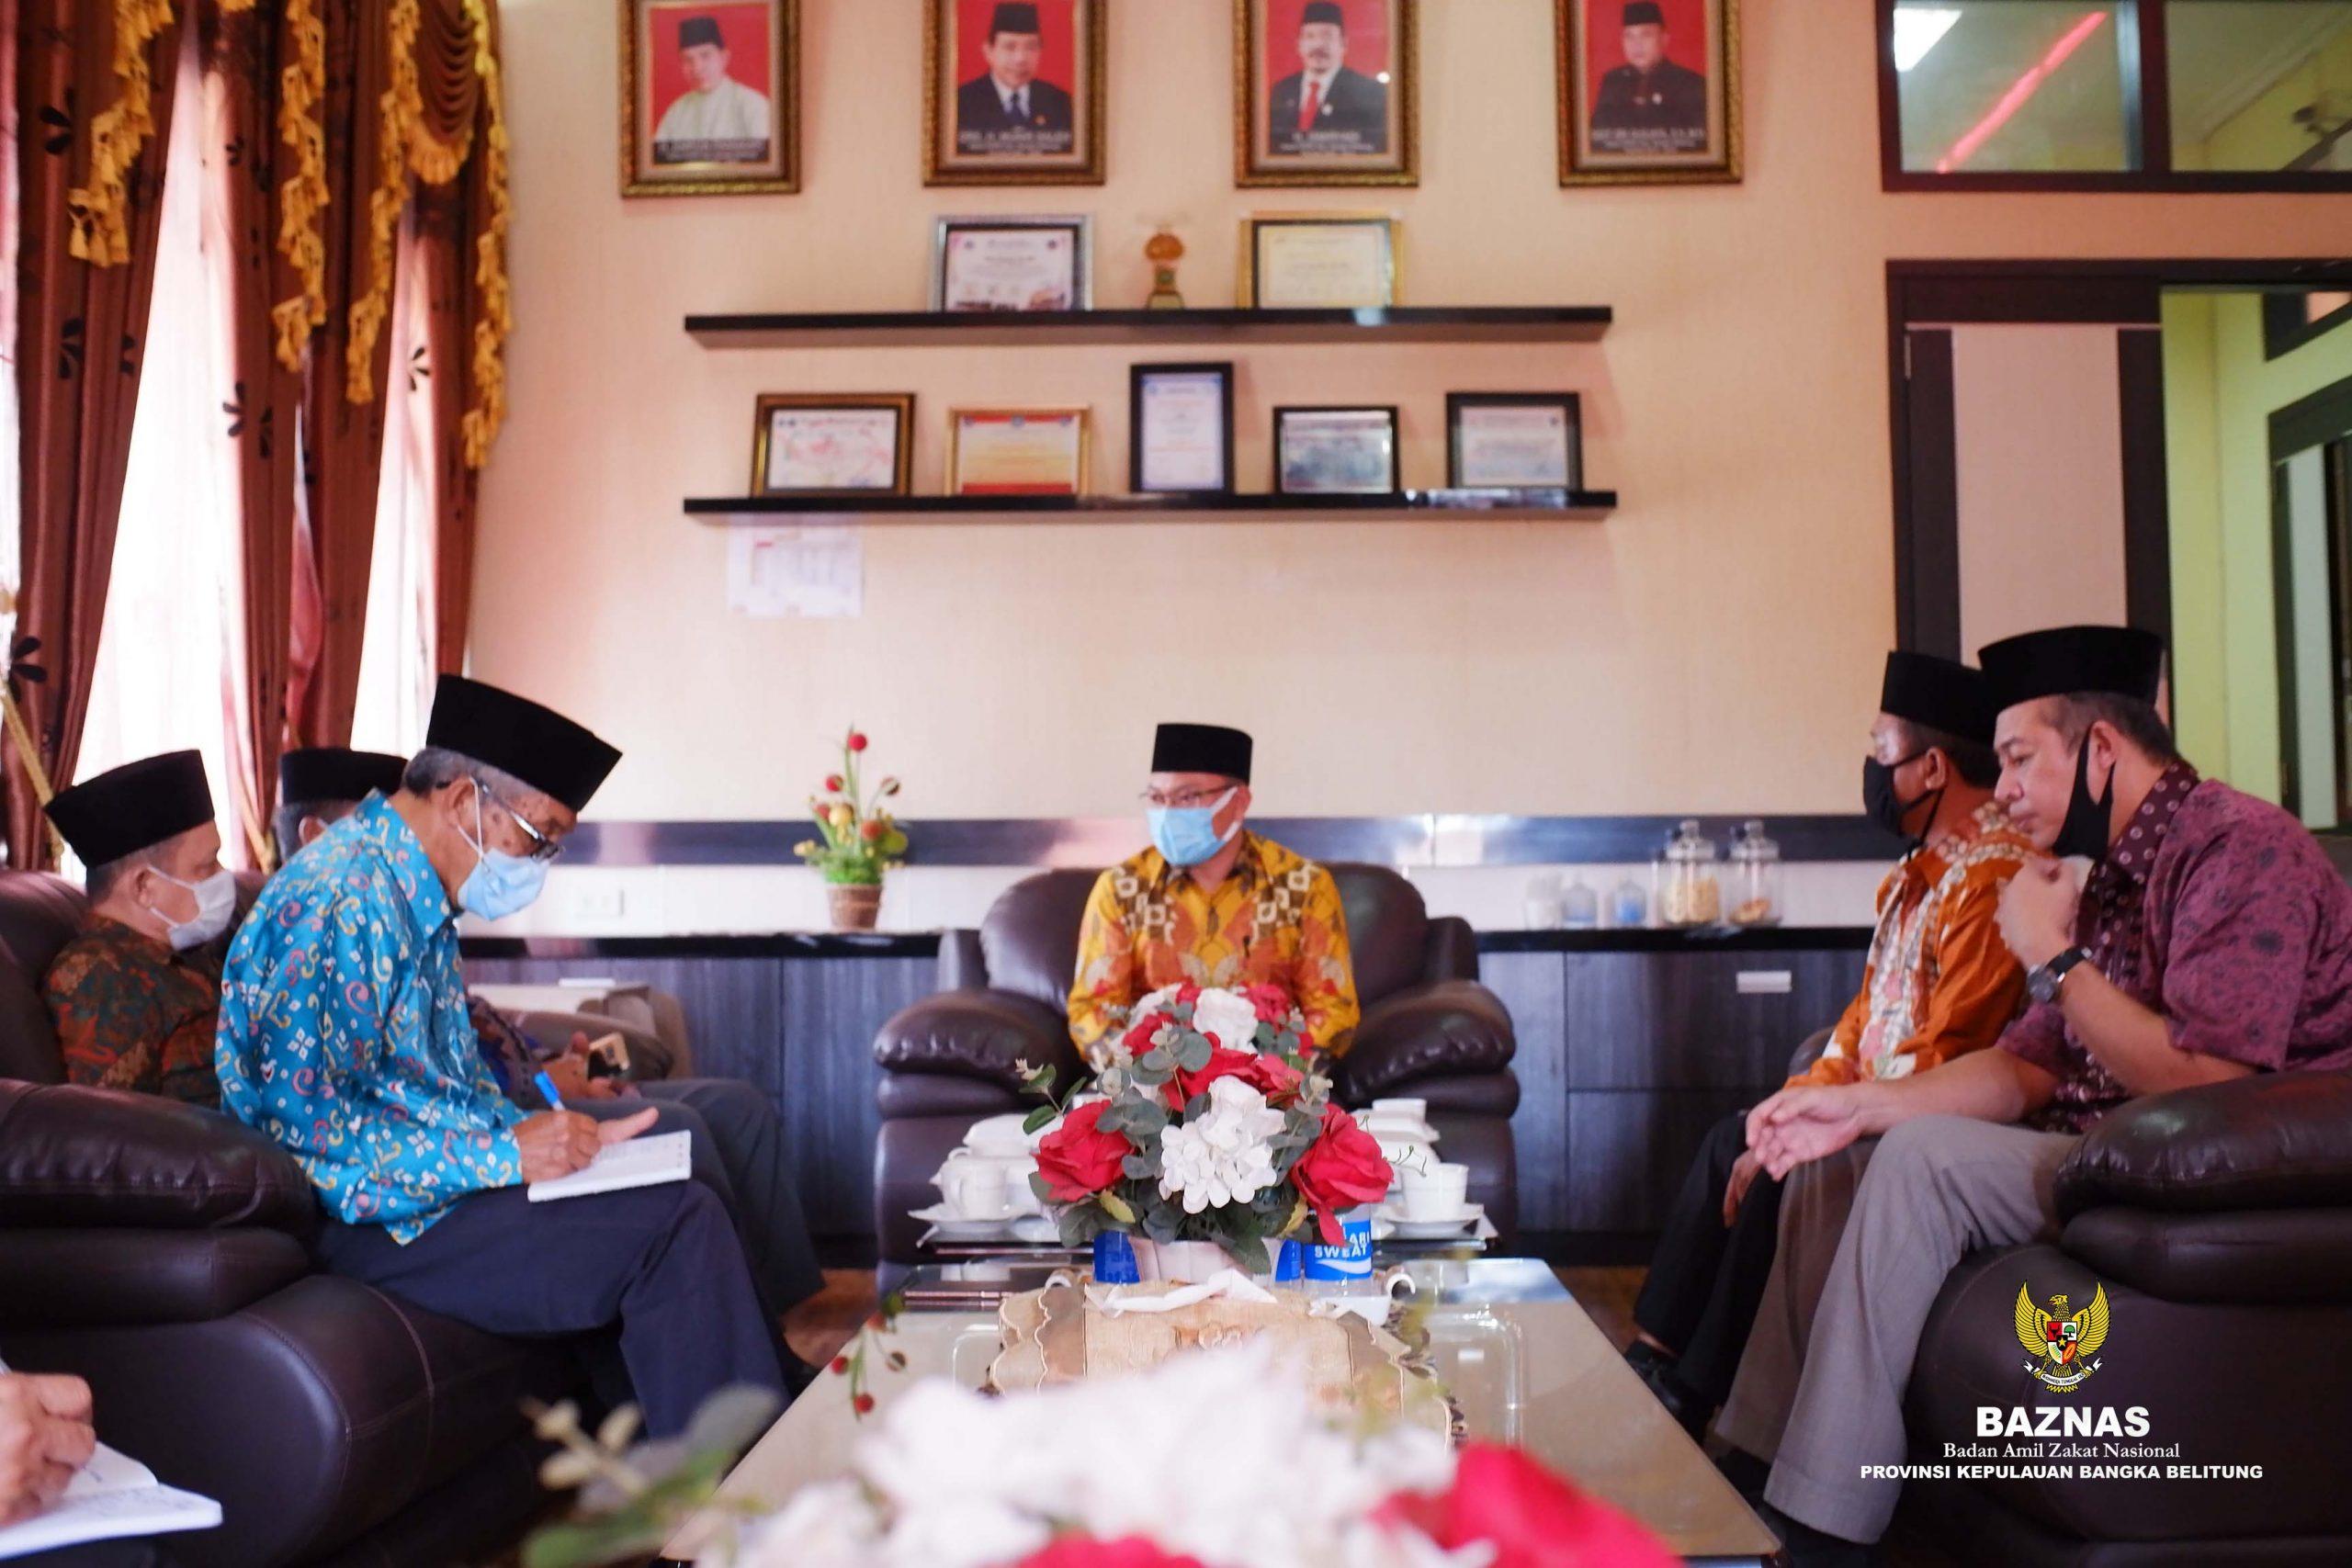 Audiensi BAZNAS Prov. Kep. Bangka Belitung bersama DPRD Prov. Kep. Bangka Belitung